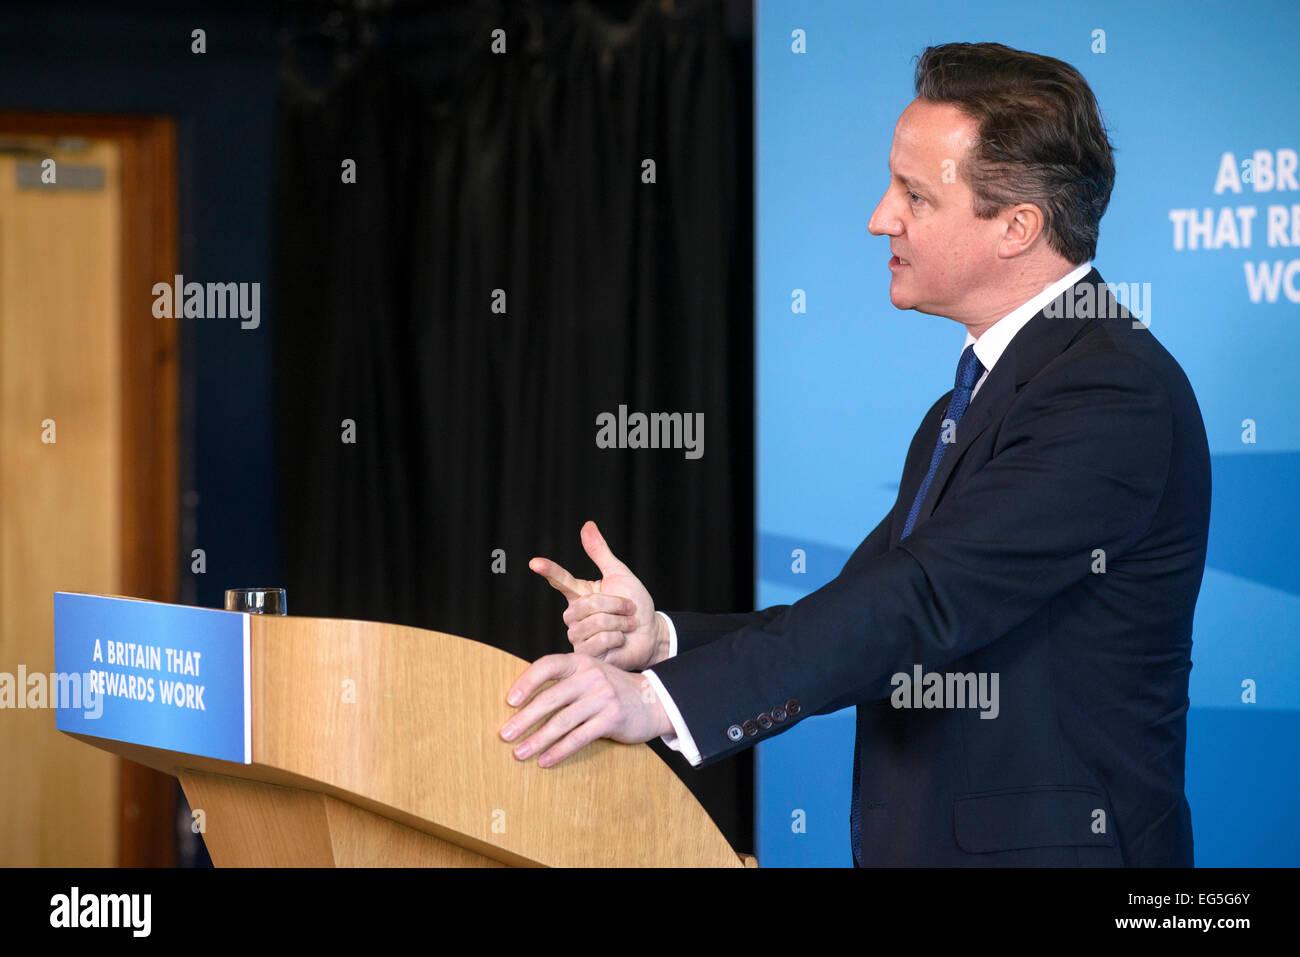 Hove, Reino Unido. 17 Feb, 2015. El Primer Ministro David Cameron hace un discurso sobre el 17/02/2015 a Blatchington Mill Escuela Hove. El PM habló acerca del estado del bienestar y conseguir que la gente vuelva a trabajar. Crédito: Julie Edwards/Alamy Live News Foto de stock